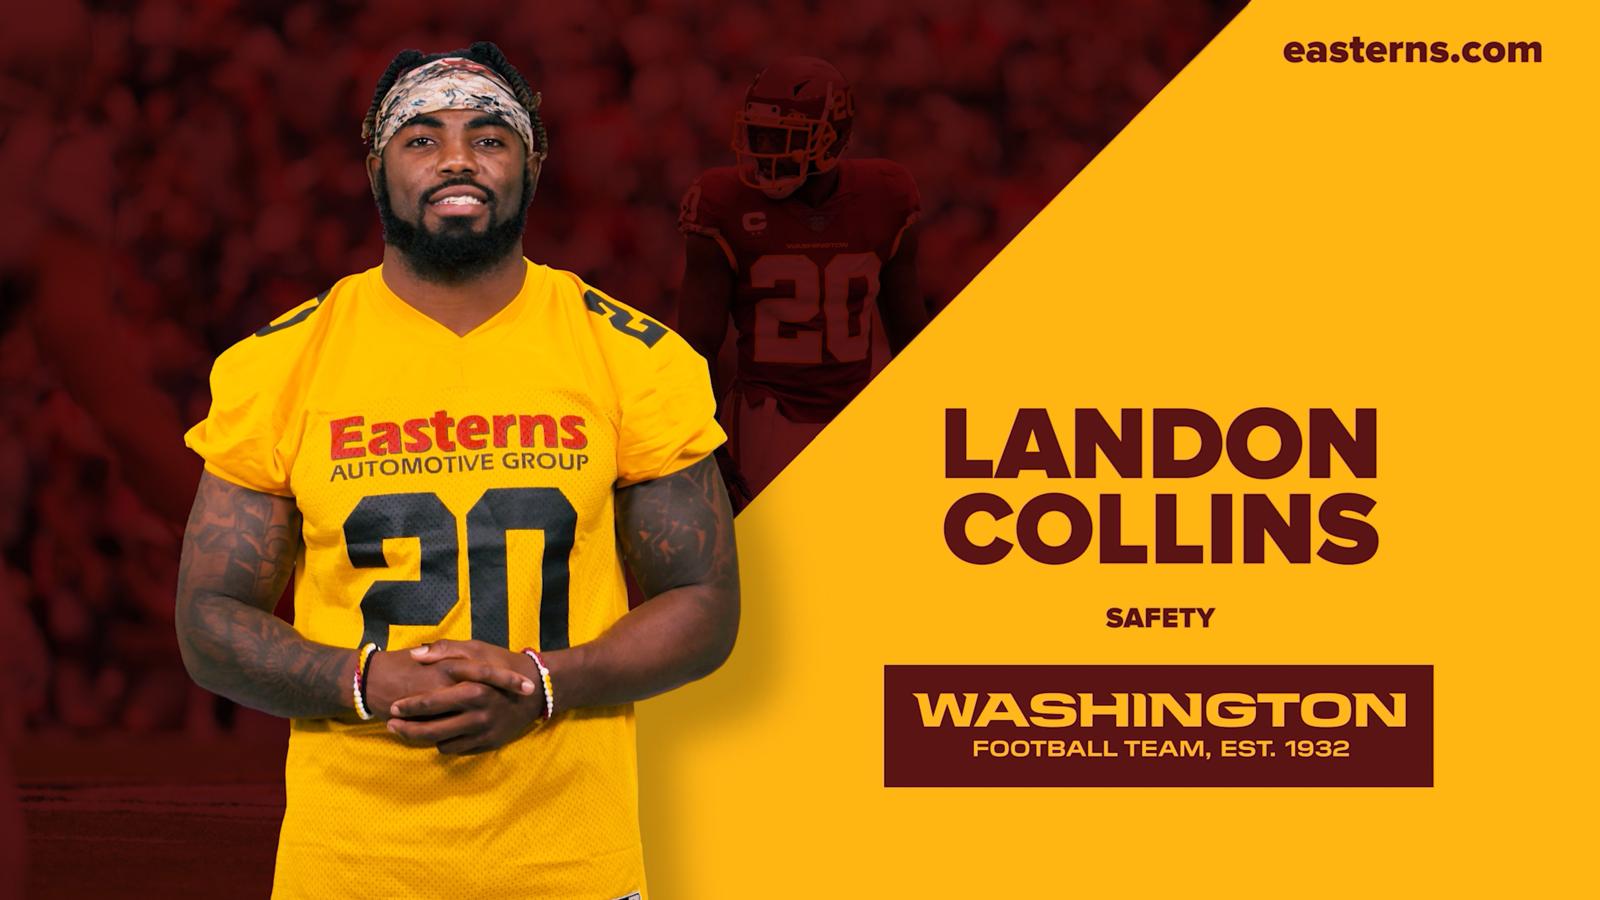 Landon Collins for Eastern Motors